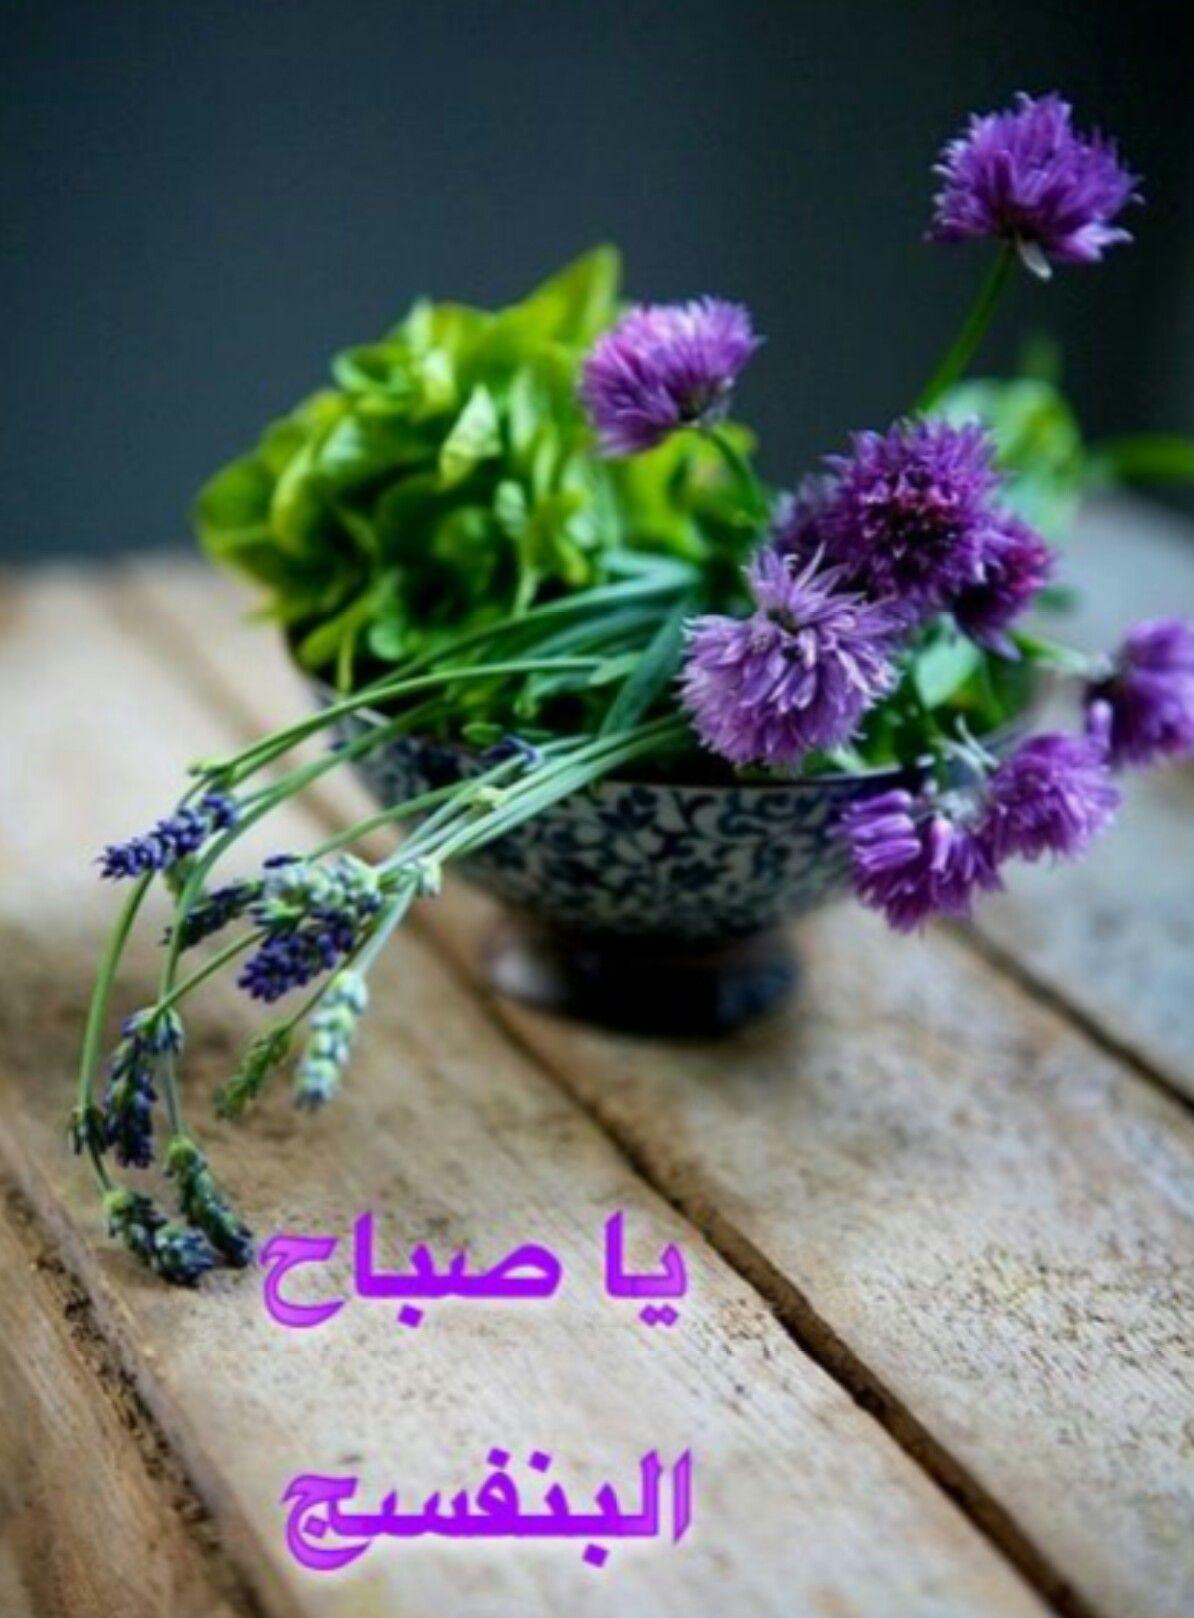 صباح الخير صباحكم سعيد صباح البنفسج أسعد الله أوقاتكم بكل خير Herbs Chive Blossom Purple Flowers